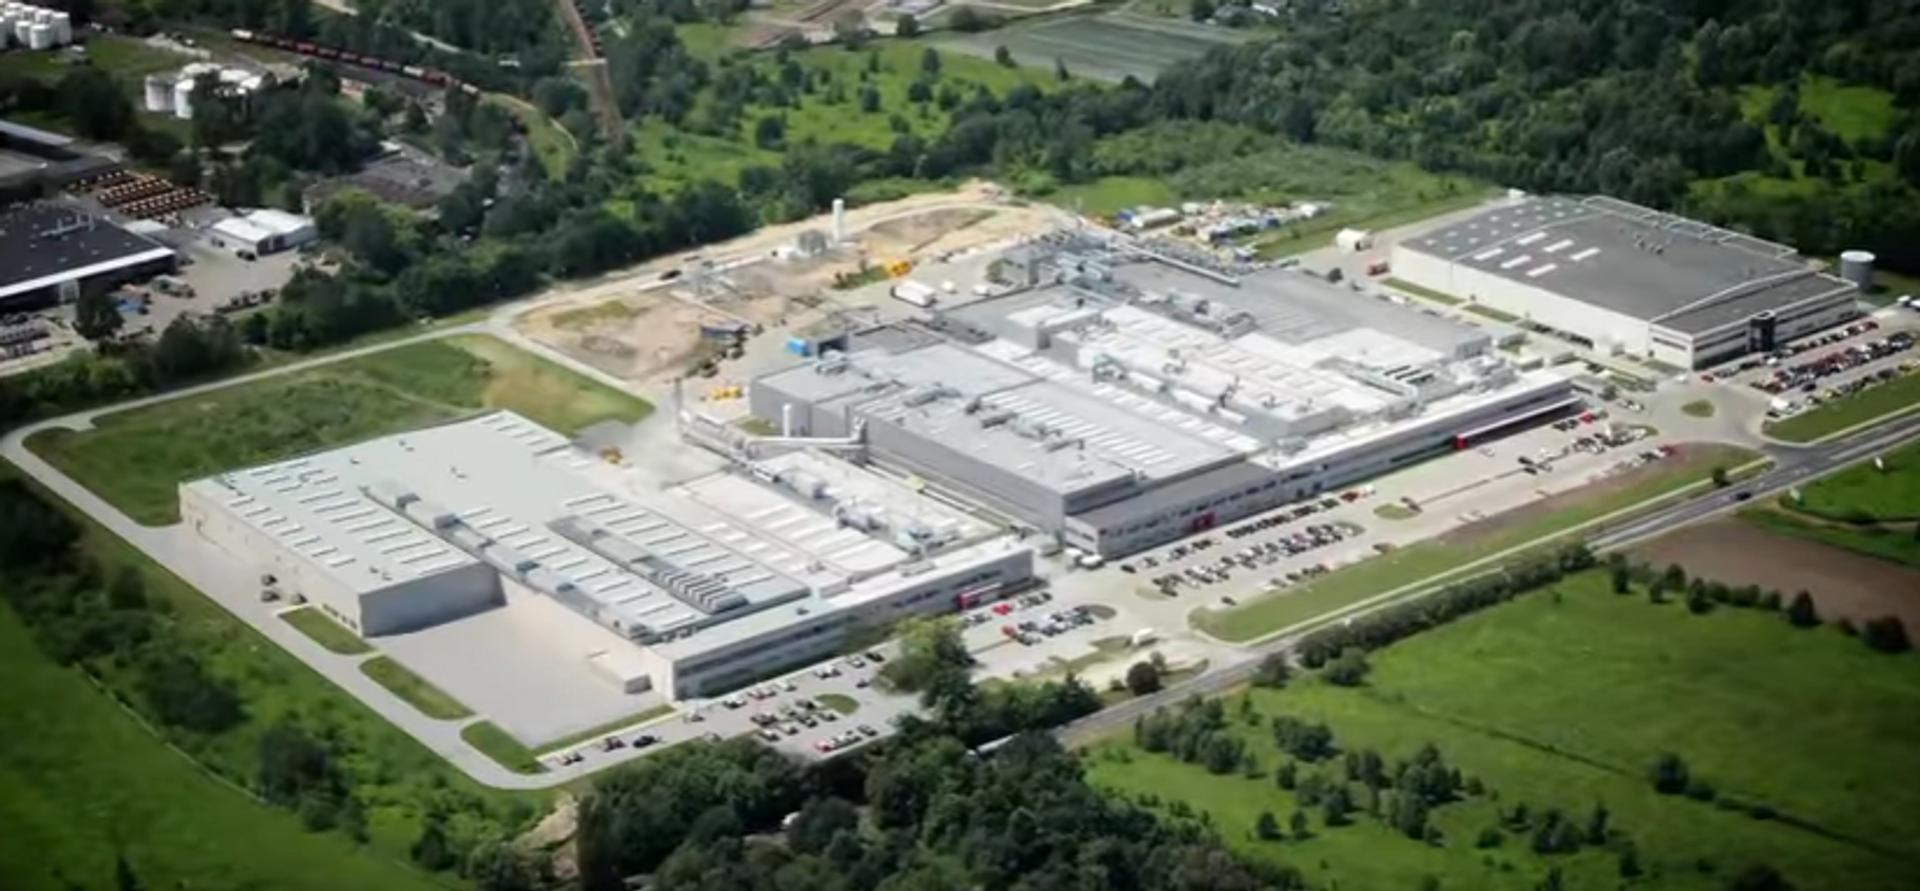 [Wrocław] Kolejna inwestycja amerykańskiego koncernu 3M